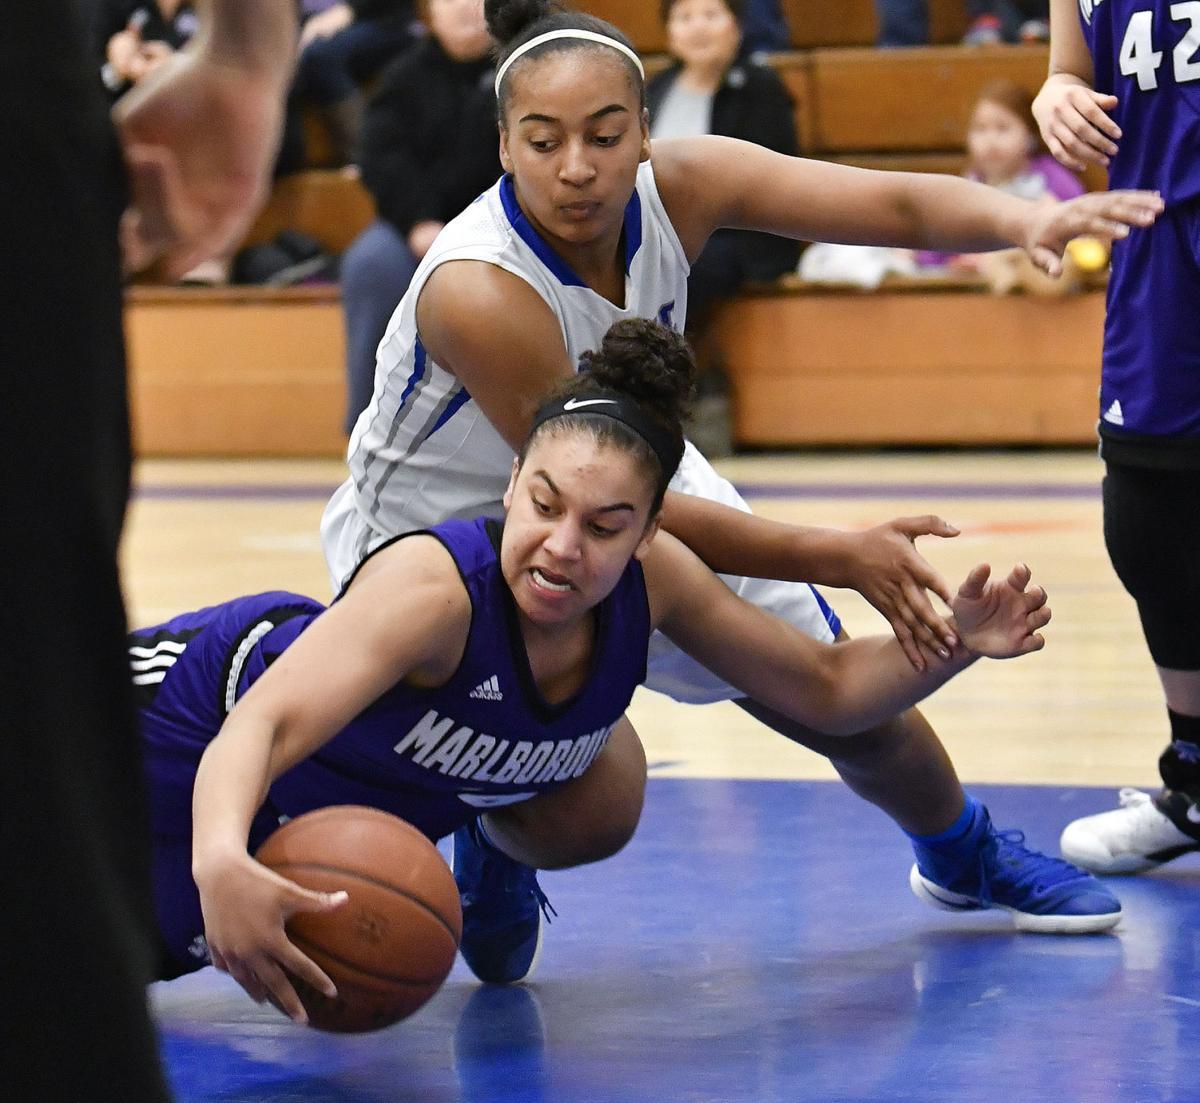 022217 Marlborough LHS g basketball 01.jpg